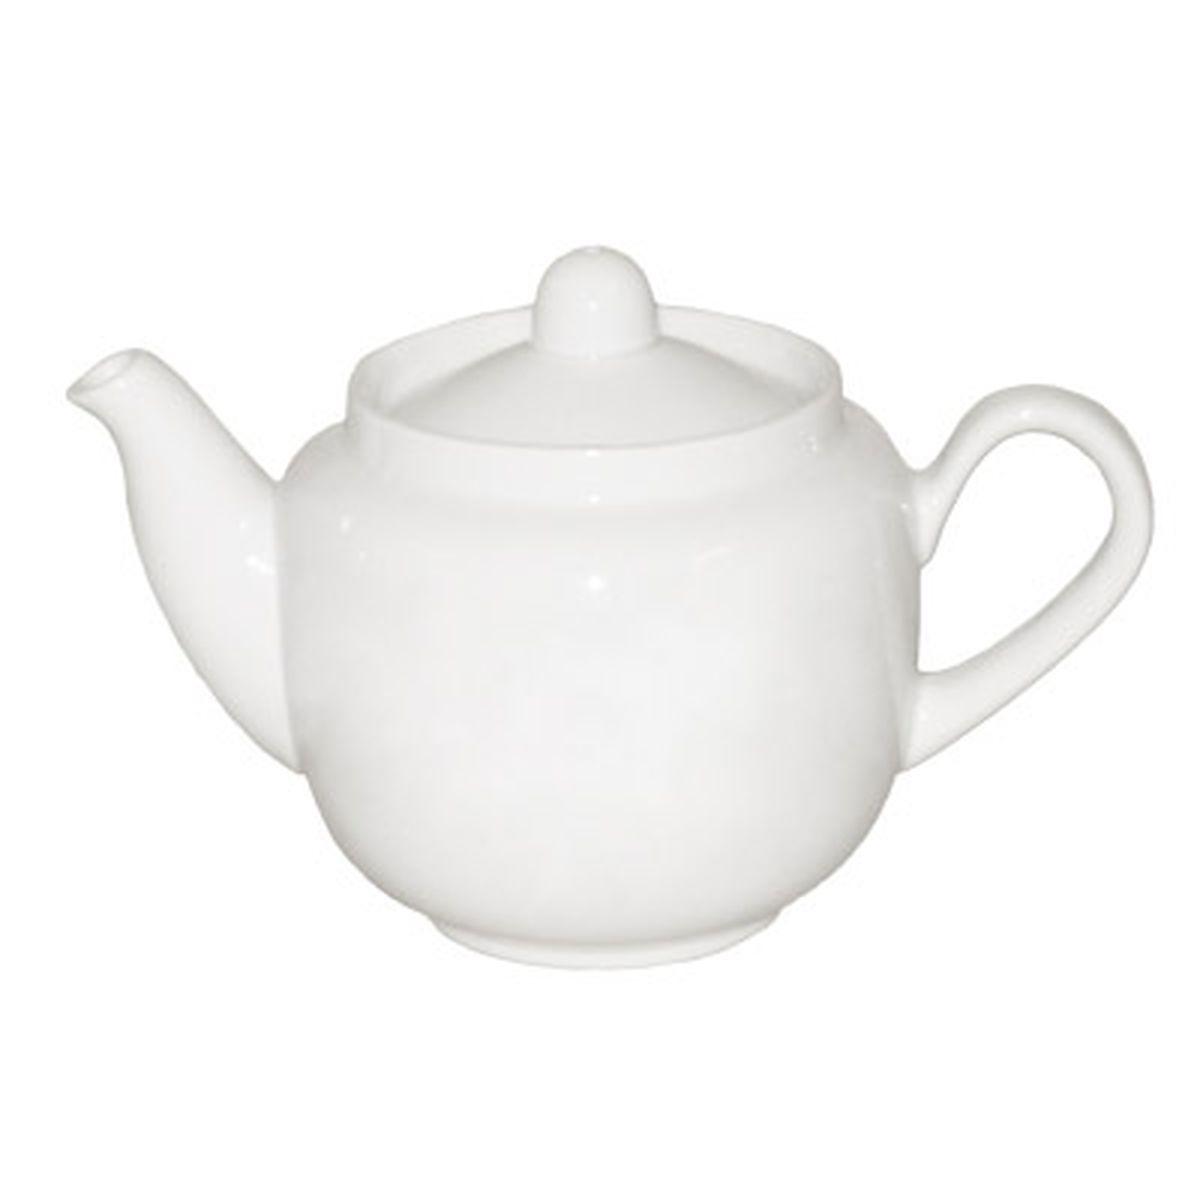 Чайник заварочный Фарфор Вербилок Август. 172000Б54 009312Для того чтобы насладиться чайной церемонией, требуется не только знание ритуала и чай высшего сорта. Необходим прекрасный заварочный чайник, который может быть как центральной фигурой фарфорового сервиза, так и самостоятельным, отдельным предметом. От его формы и качества фарфора зависит аромат и вкус приготовленного напитка. Именно такие предметы формируют в доме атмосферу истинного уюта, тепла и гармонии. Можно ли сравнить пакетик с чаем или растворимый кофе с заварными вариантами этих напитков, которые нужно готовить самим? Каждый их почитатель ответит, что если применить кофейник или заварочный чайник, то можно ощутить более богатый, ароматный вкус этих замечательных напитков.